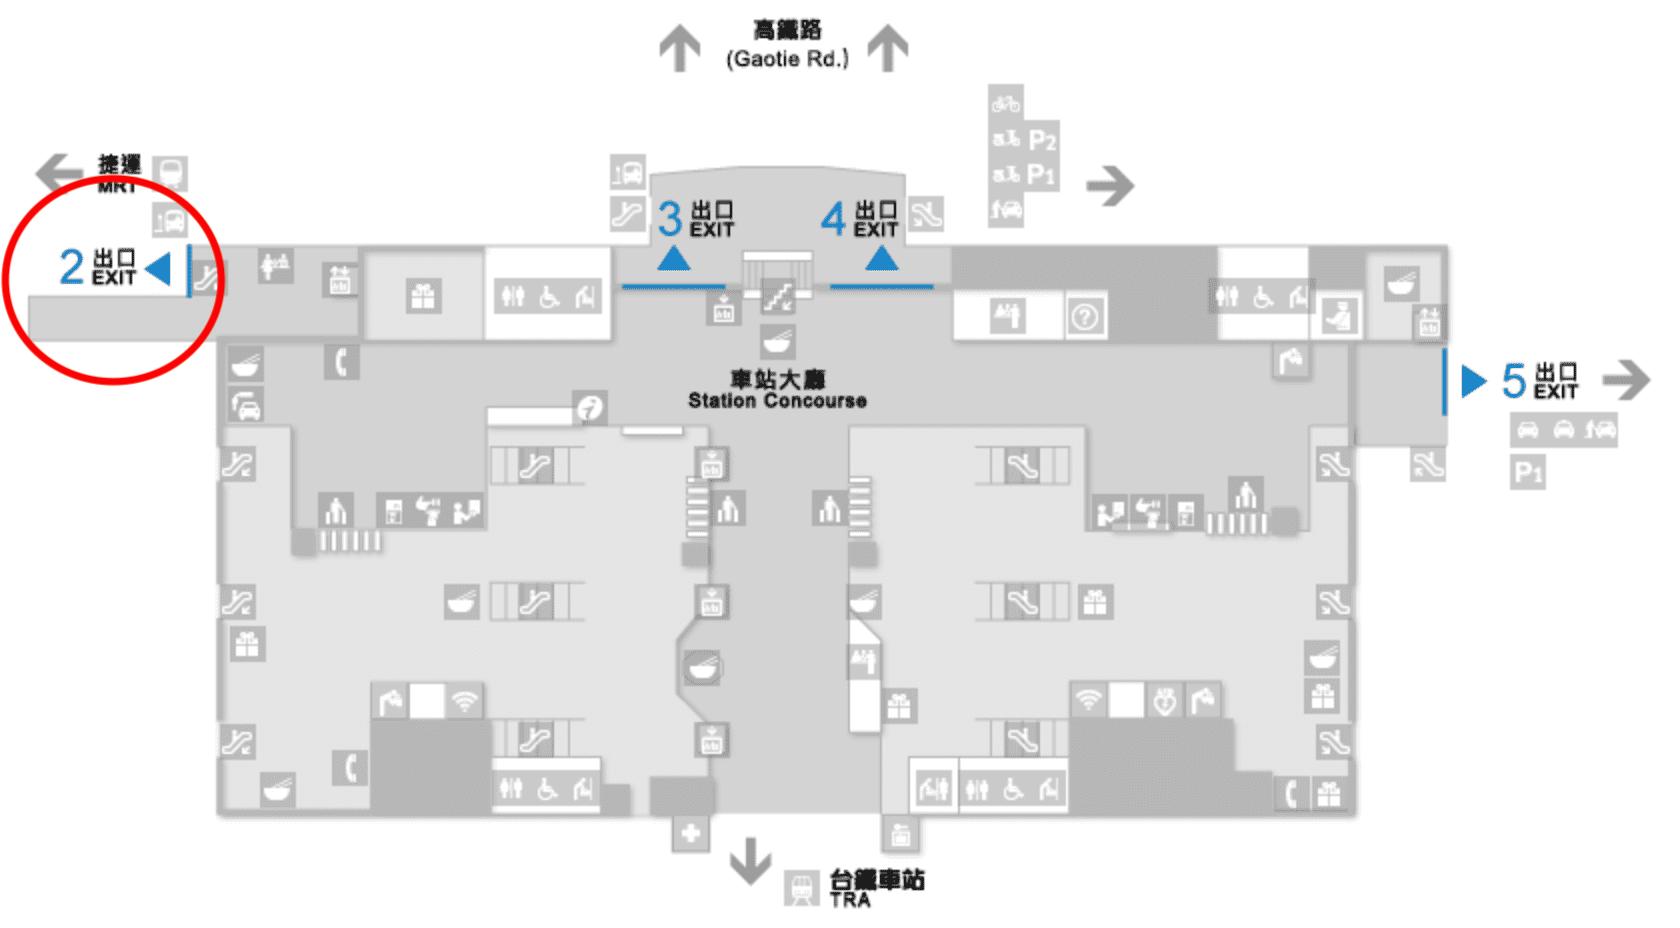 高鐵駅構内